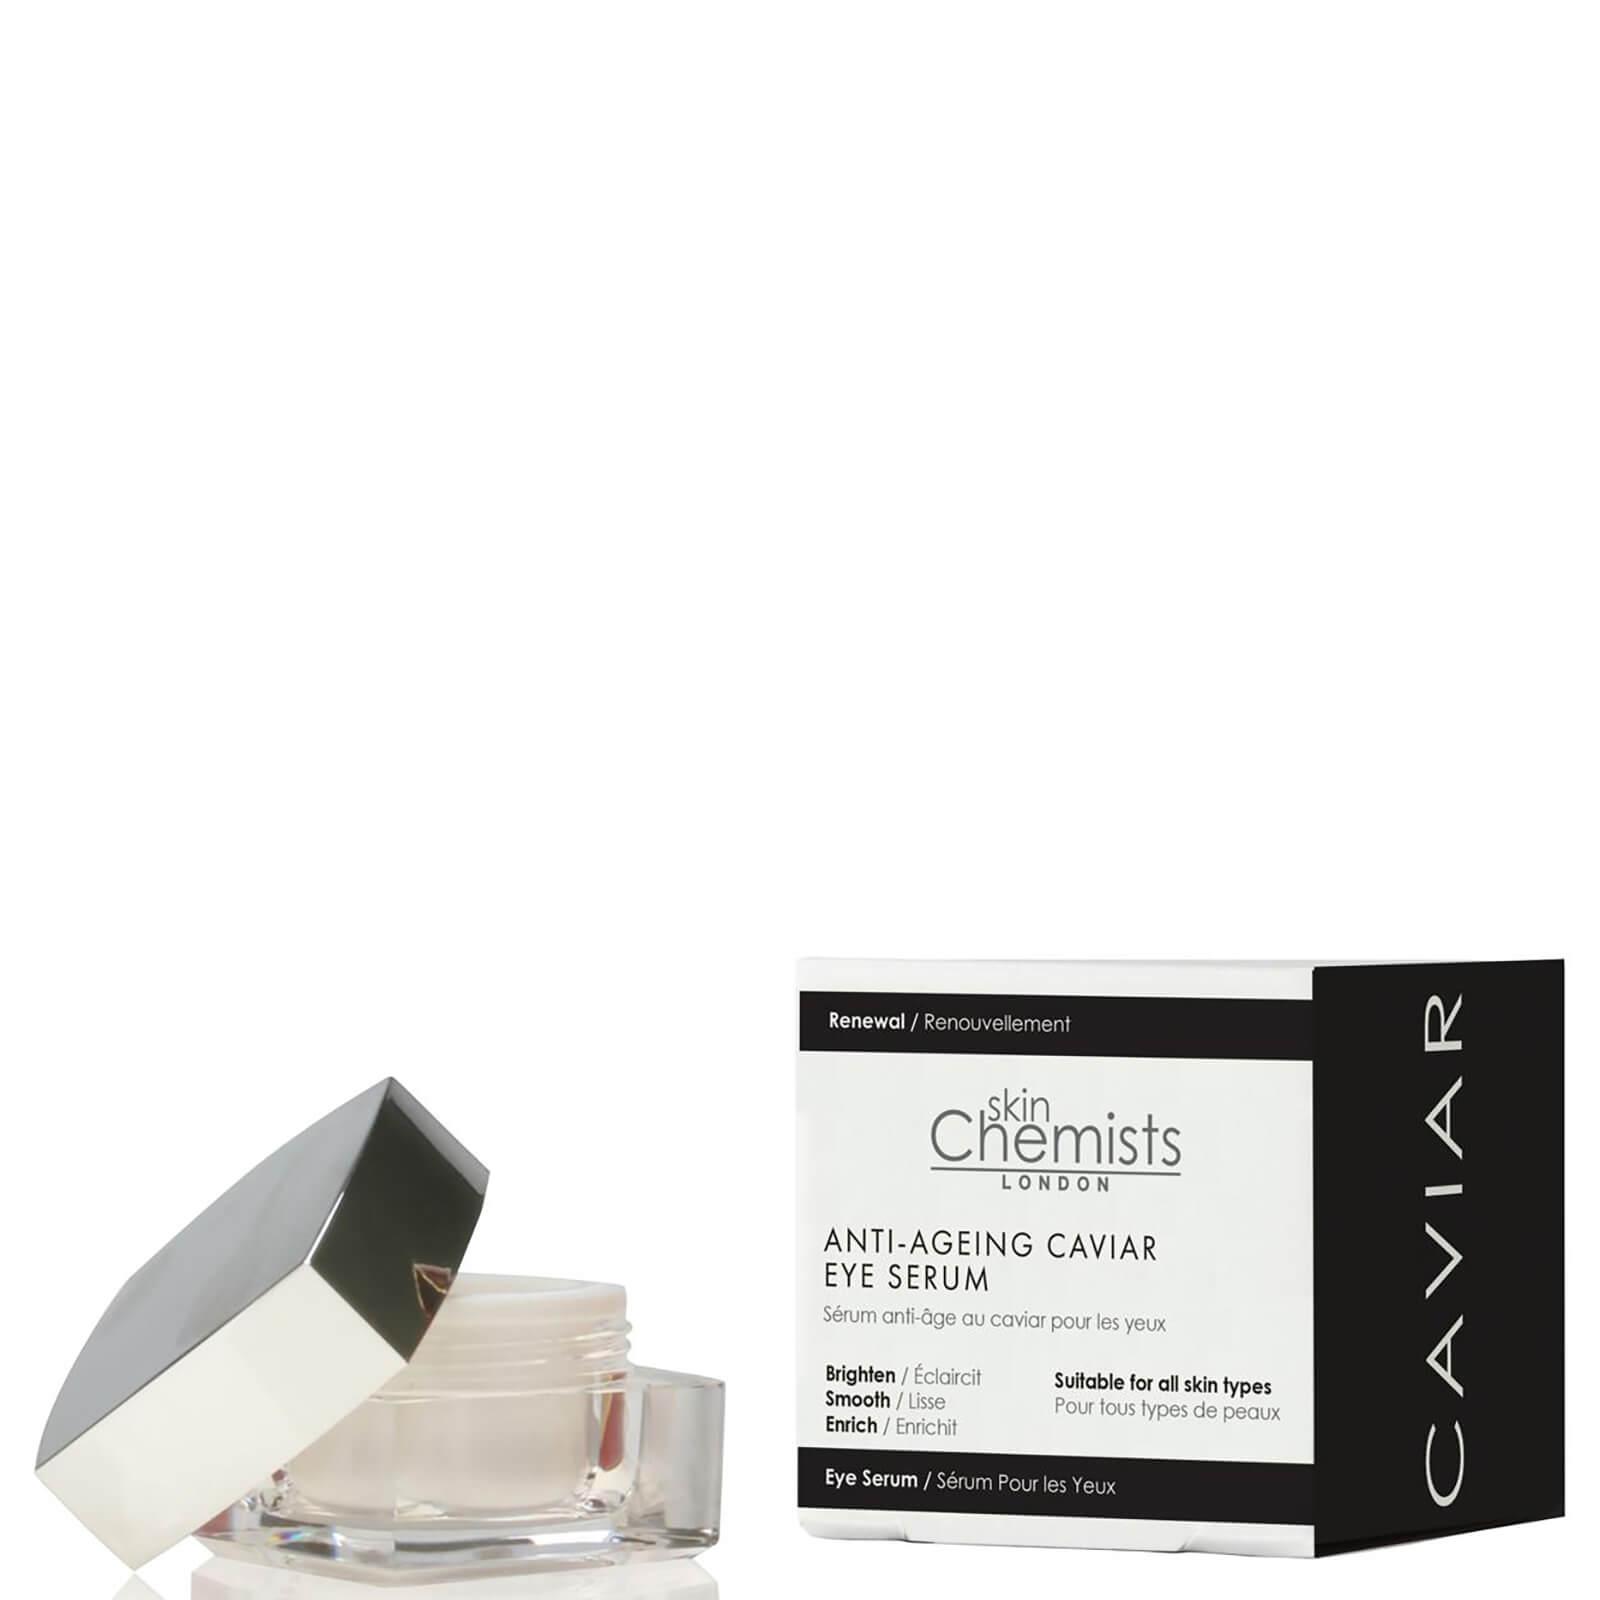 Купить Антивозрастная сыворотка для кожи вокруг глаз с экстрактом икры skinChemists London Anti-Ageing Caviar Eye Serum 10мл